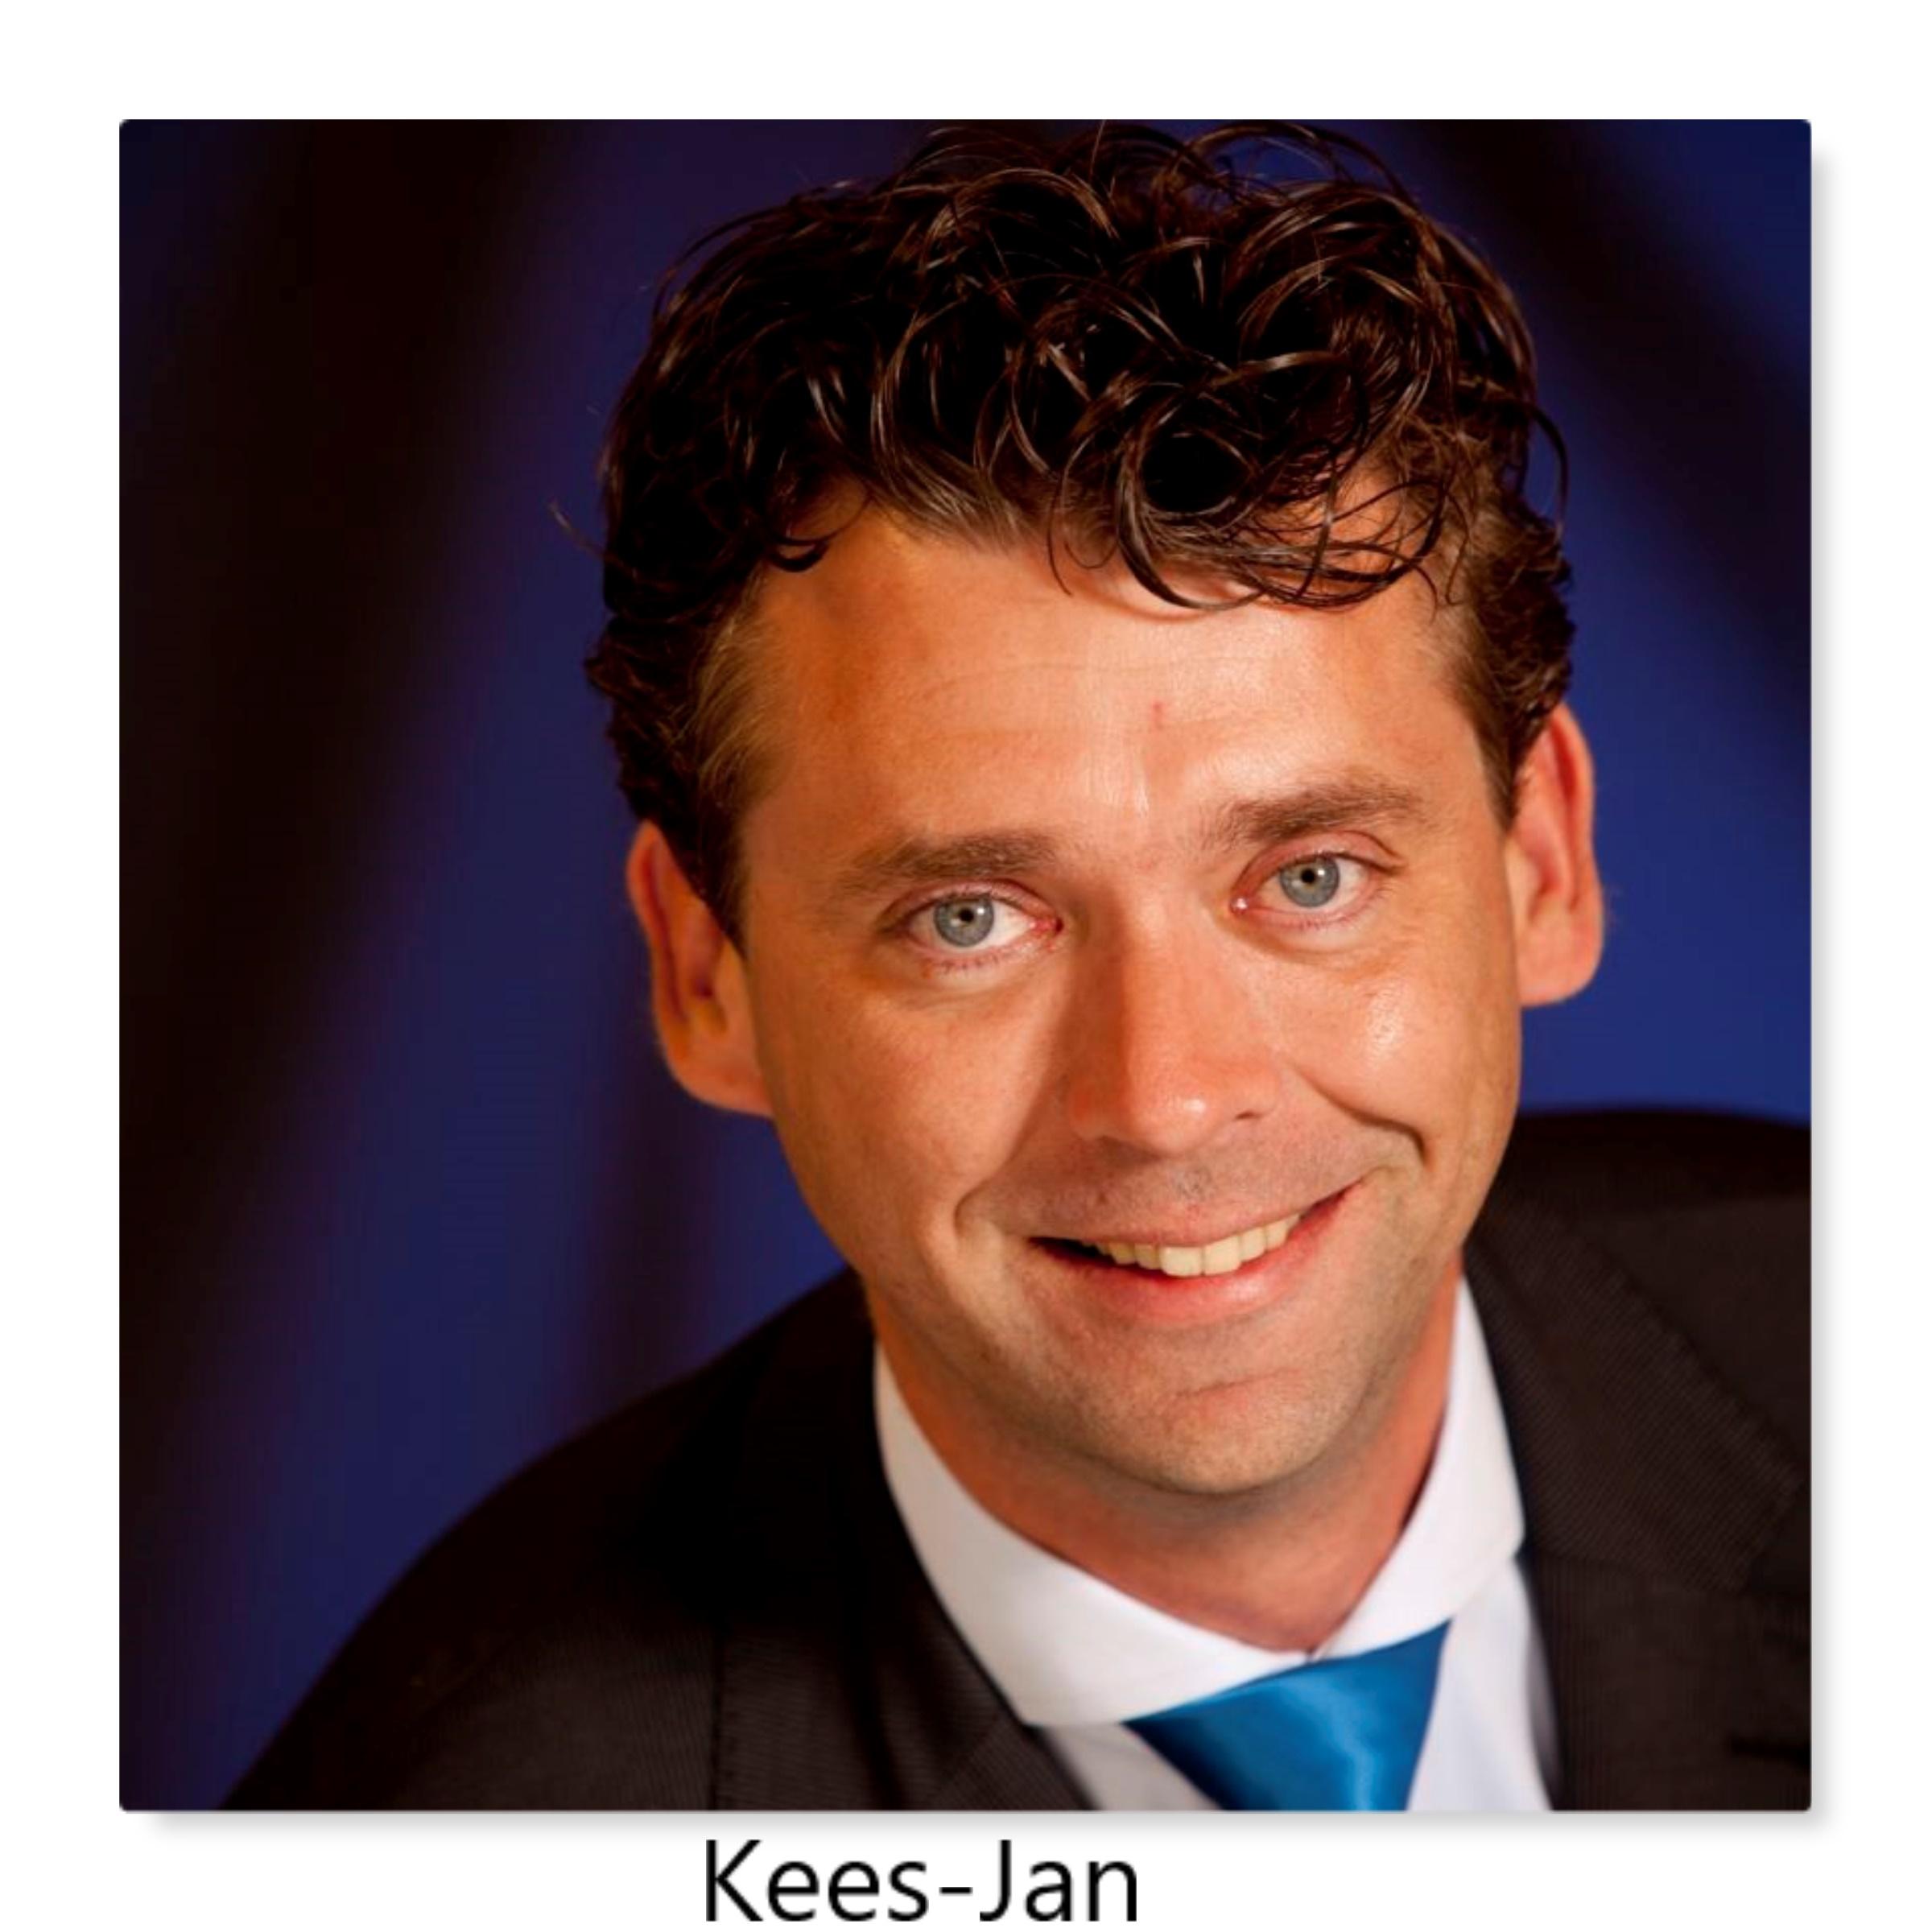 Kees-Jan Schouten